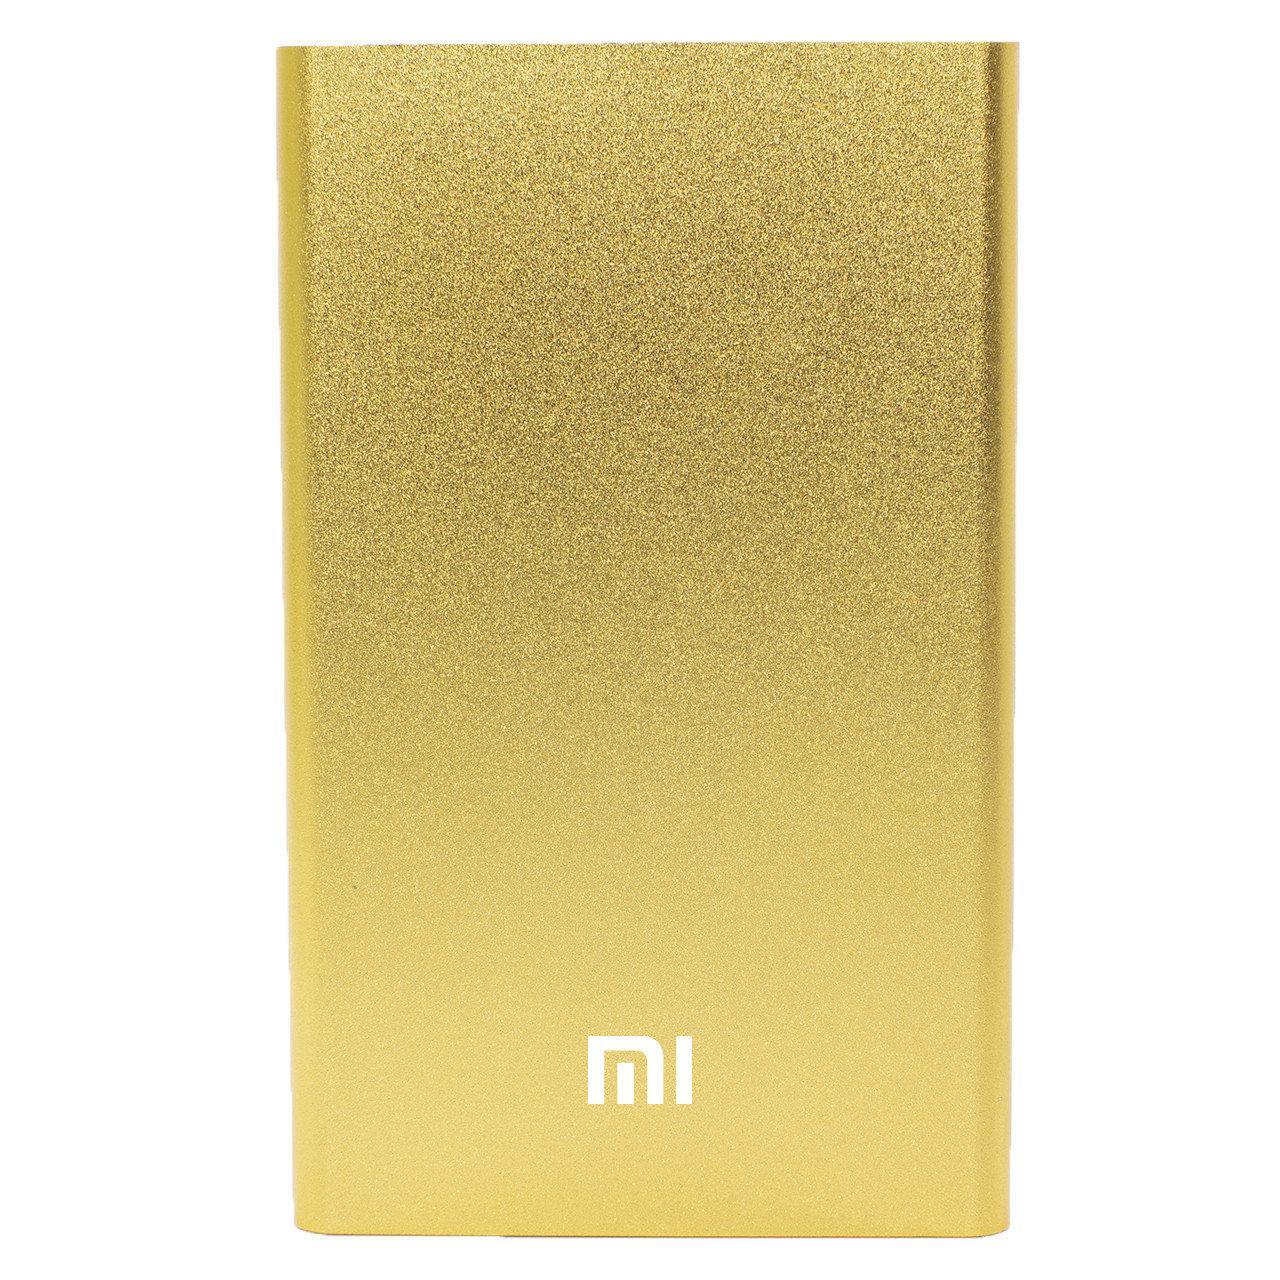 Повер банк Xiaomi 10400 mAh Gold тонкий компактный портативный для зарядки гаджетов цифровой техники (Реплика)